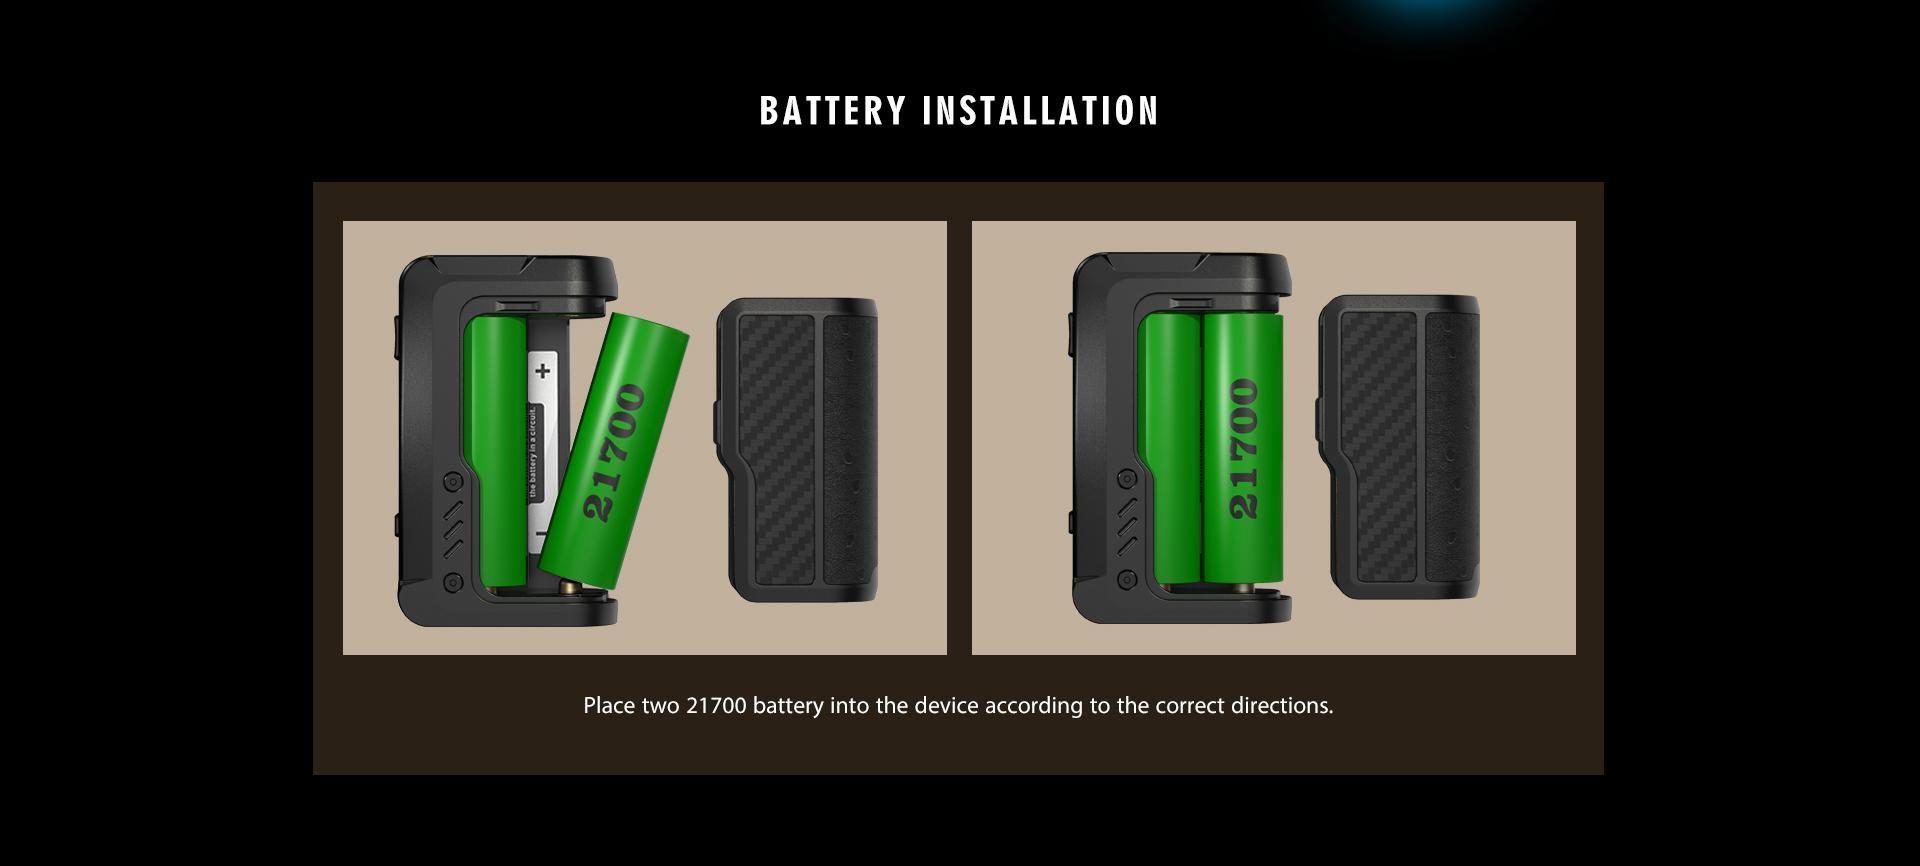 Instalación de la bateríade Vandy Vape Gaur 21 Mod: